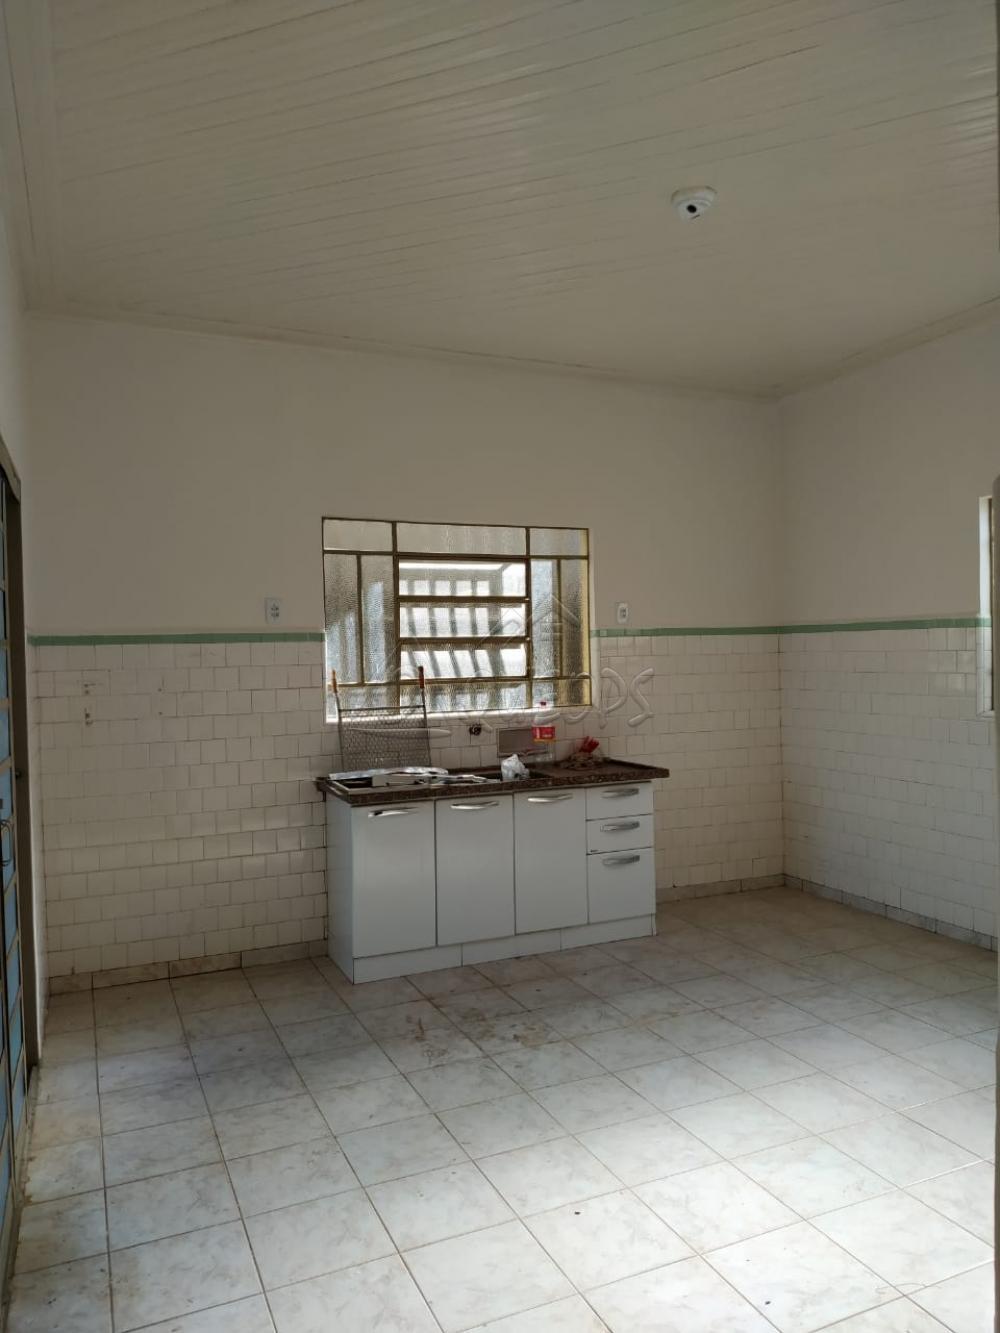 Comprar Casa / Padrão em Barretos apenas R$ 220.000,00 - Foto 10